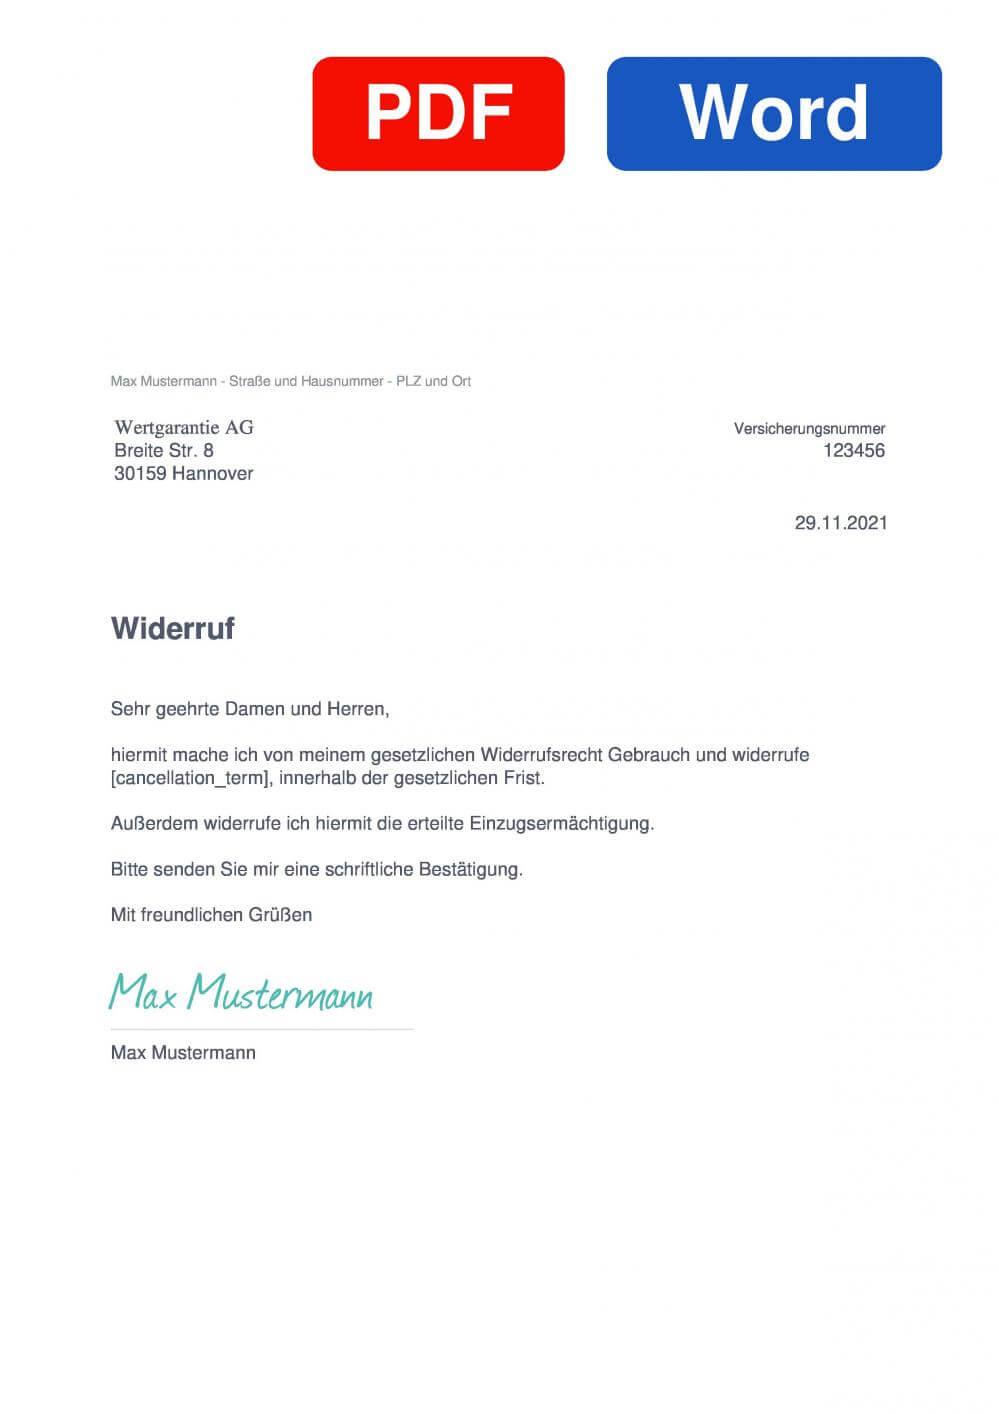 EWP Wertgarantie Muster Vorlage für Wiederrufsschreiben